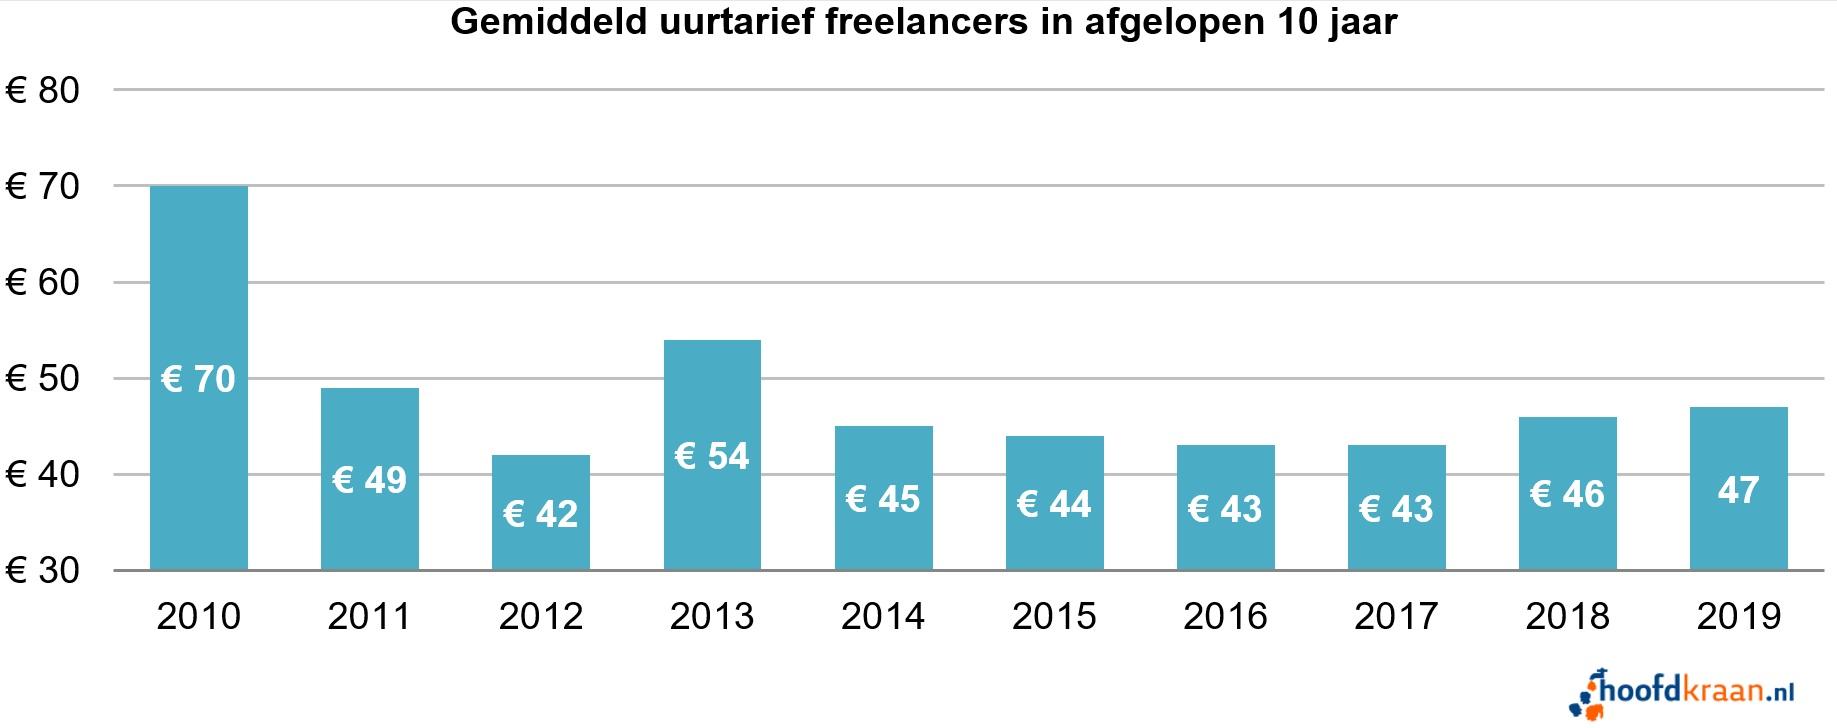 Gemiddeld uurtarief freelancers 2019.